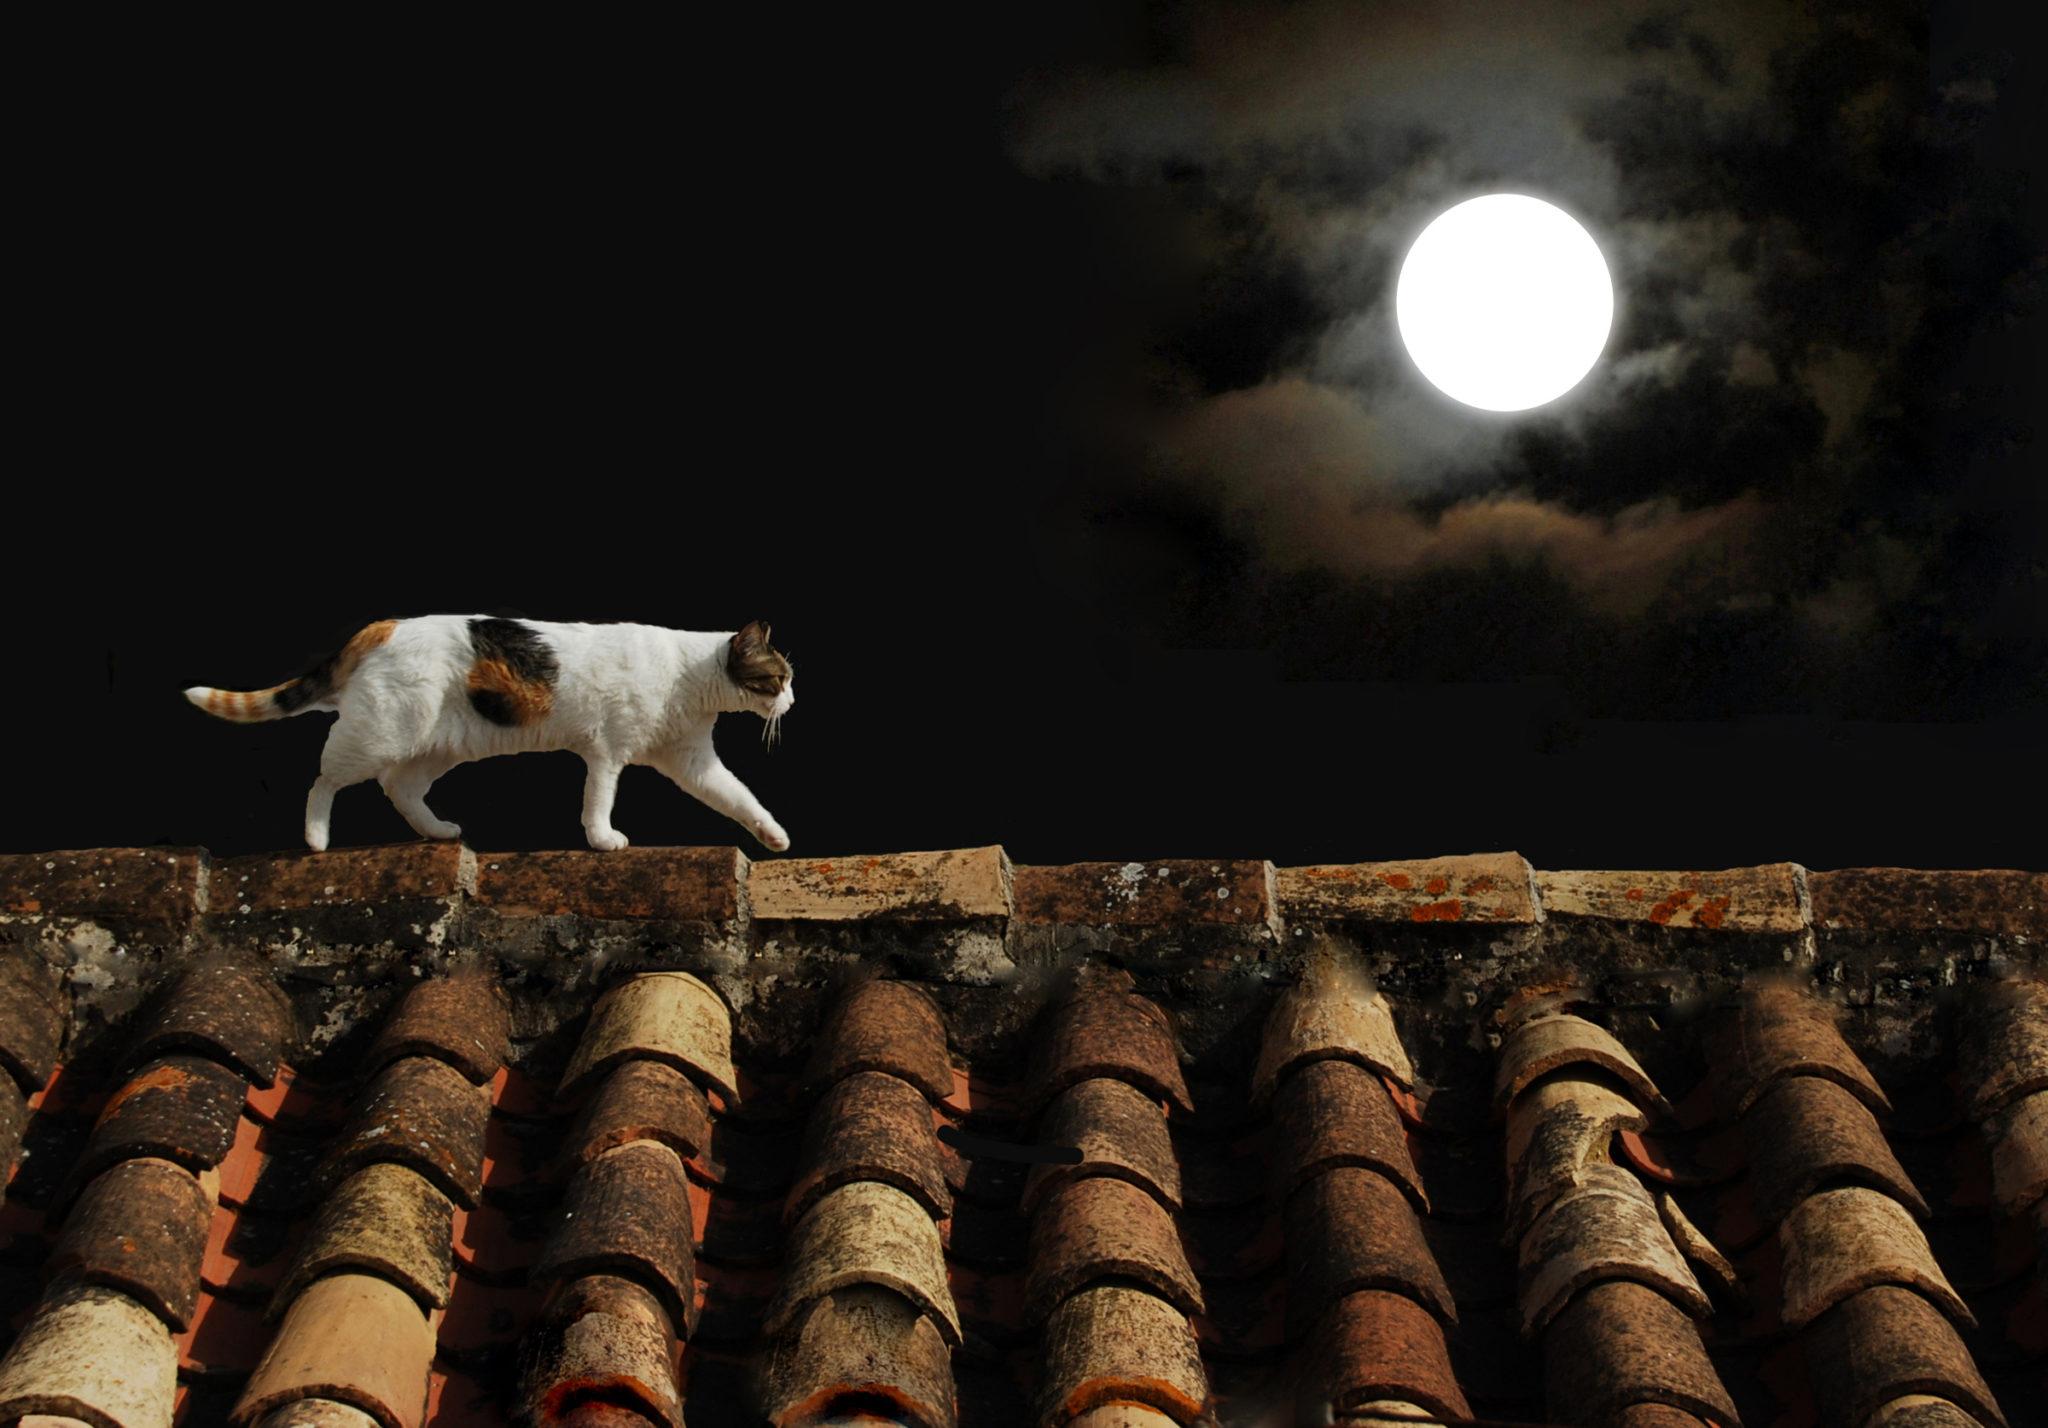 chat d'extérieur se promenant sur un toit, de nuit